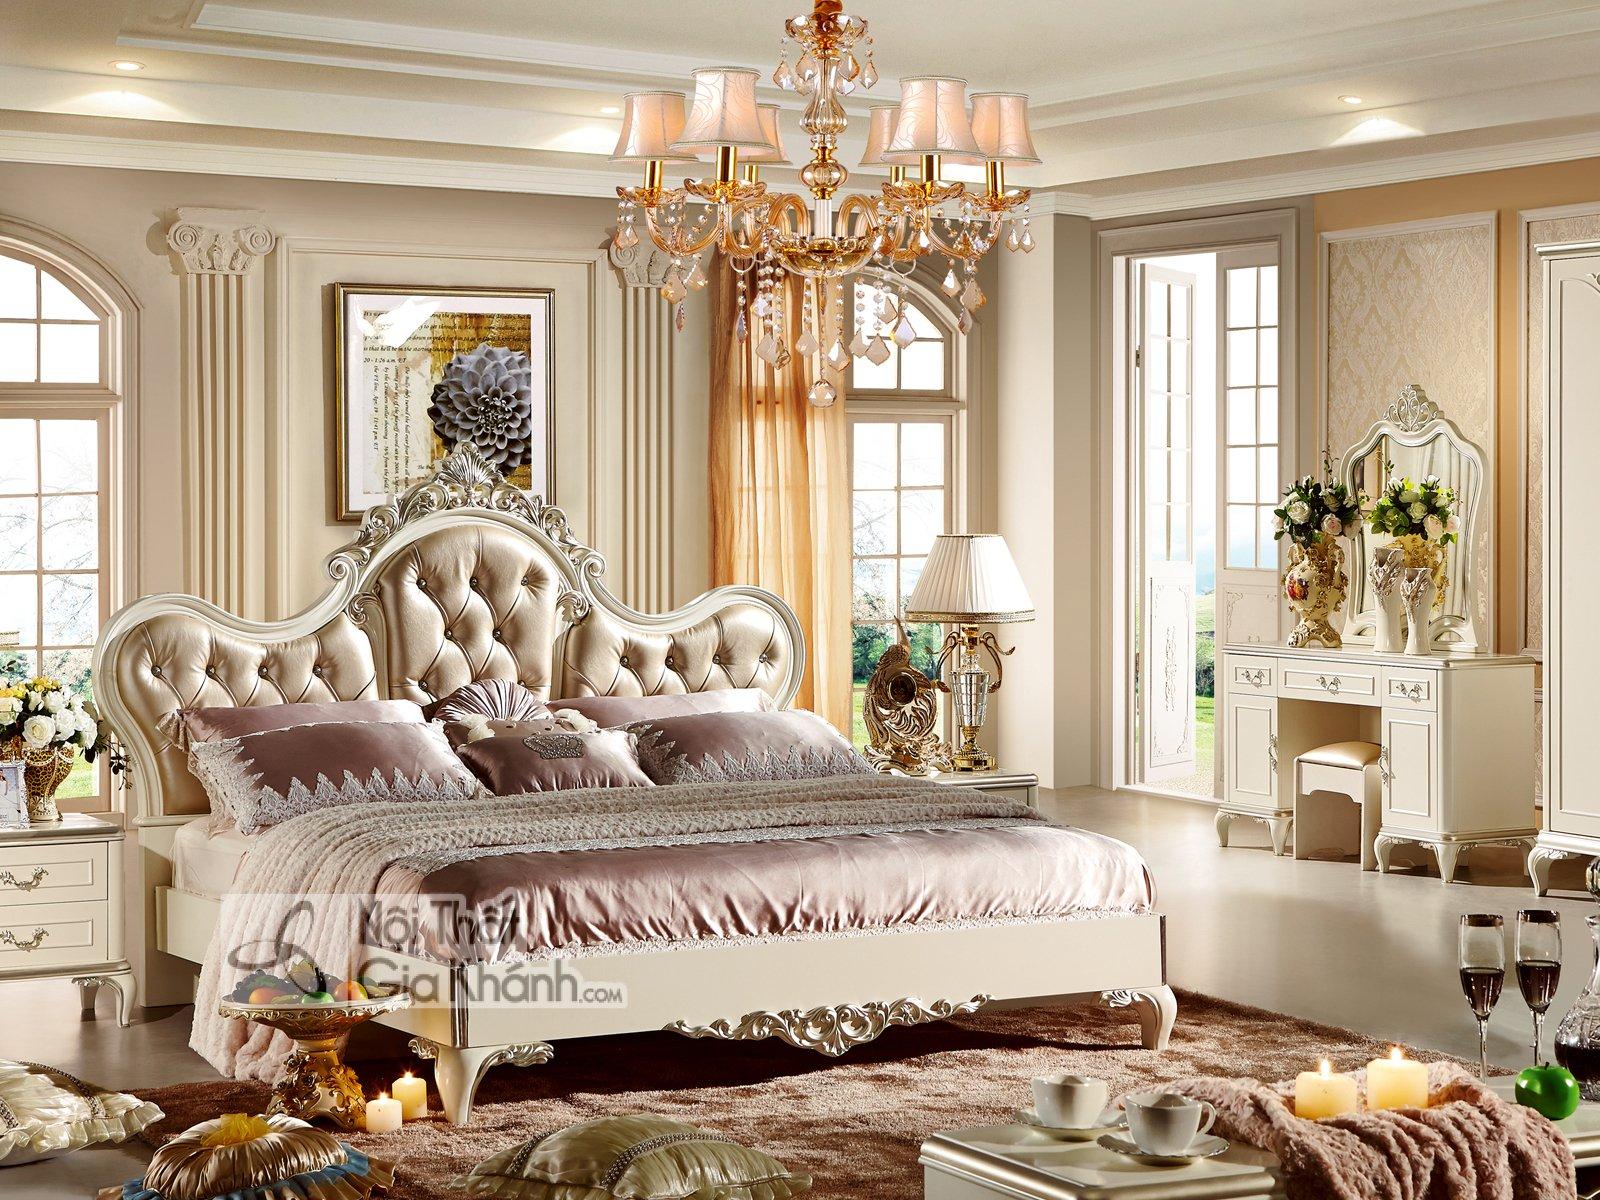 Bộ phòng ngủ tân cổ điển bọc da phong cách Pháp 38631BG - bo phong ngu tan co dien boc da phong cach phap 38631bg 6